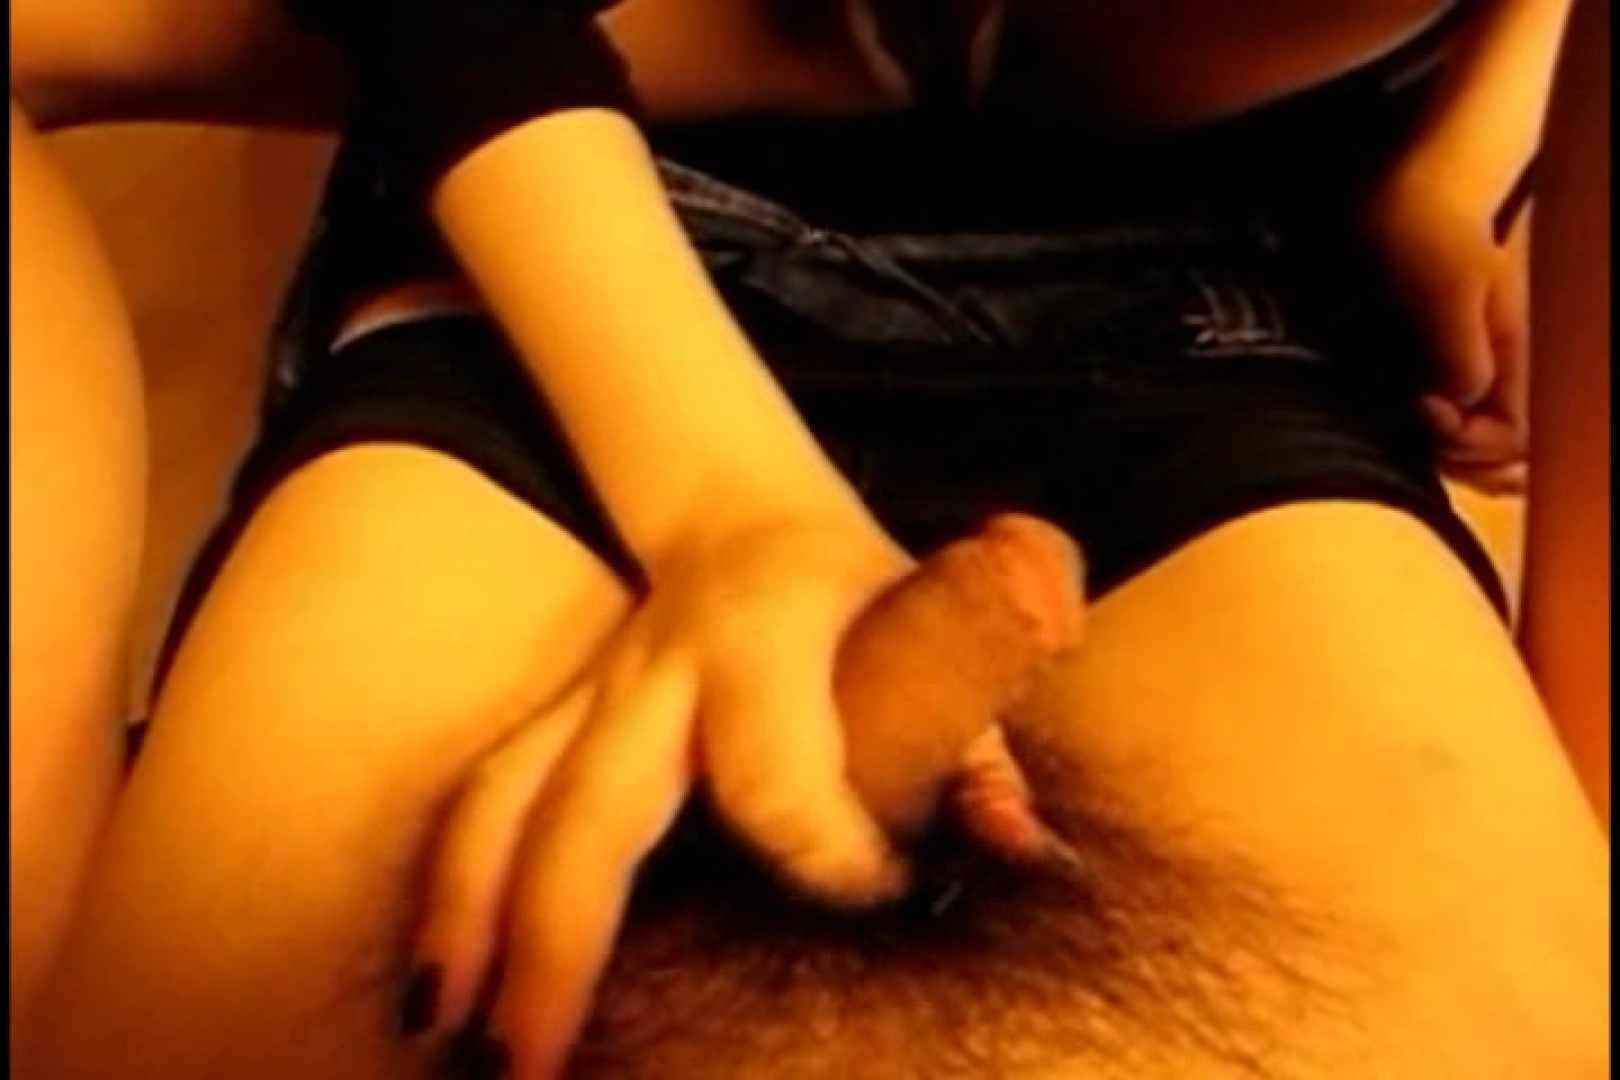 コリアン素人流出シリーズ 変態夫婦から流出 素人のぞき エロ無料画像 105pic 6